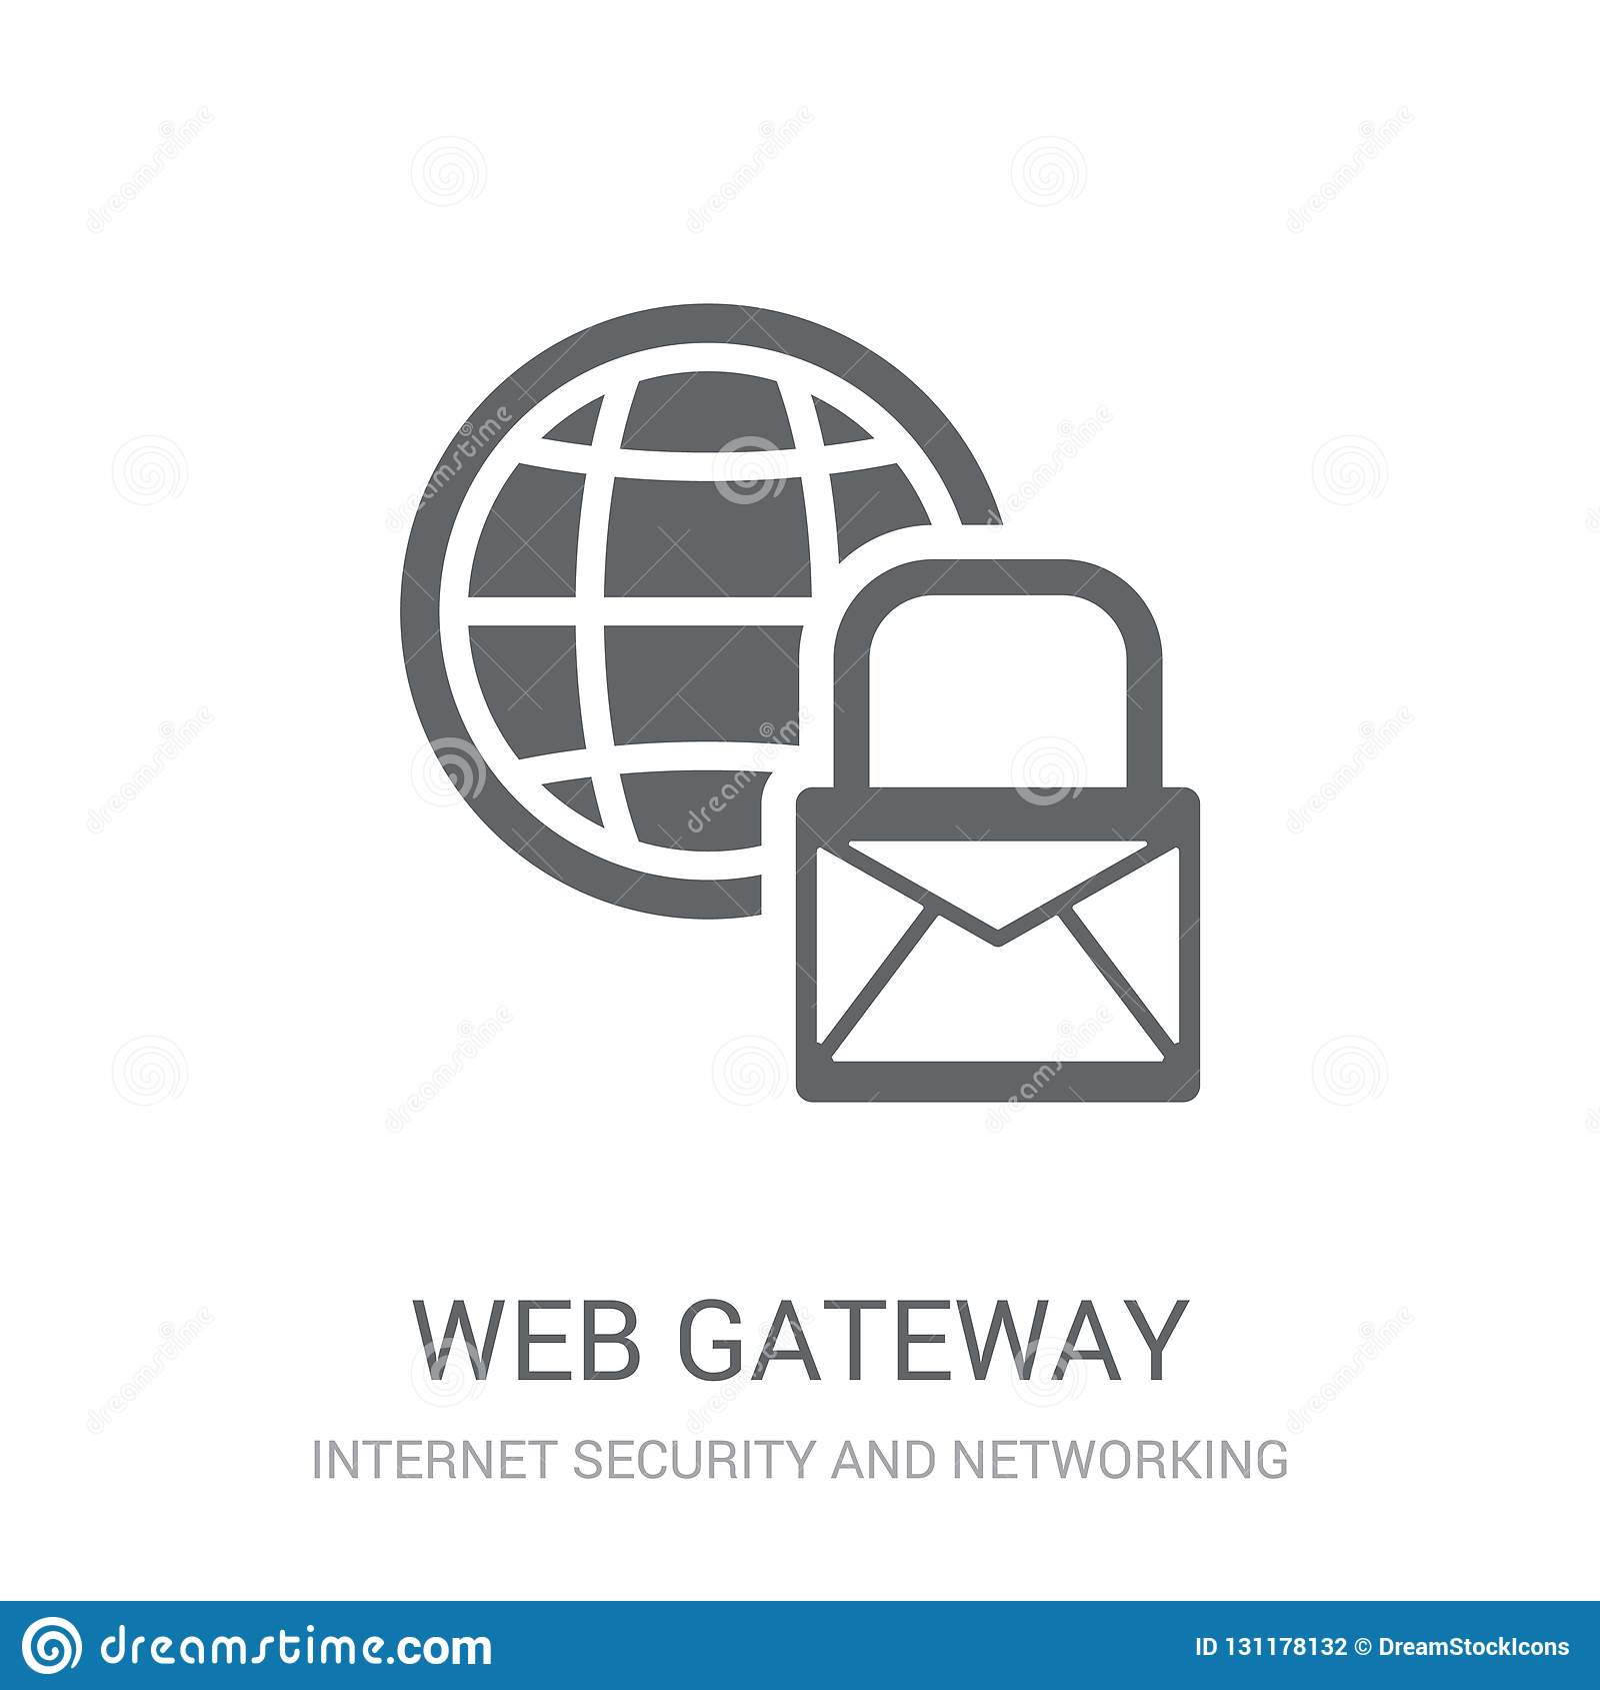 Web Gateway Icon. Trendy Web Gateway Logo Concept On White ...